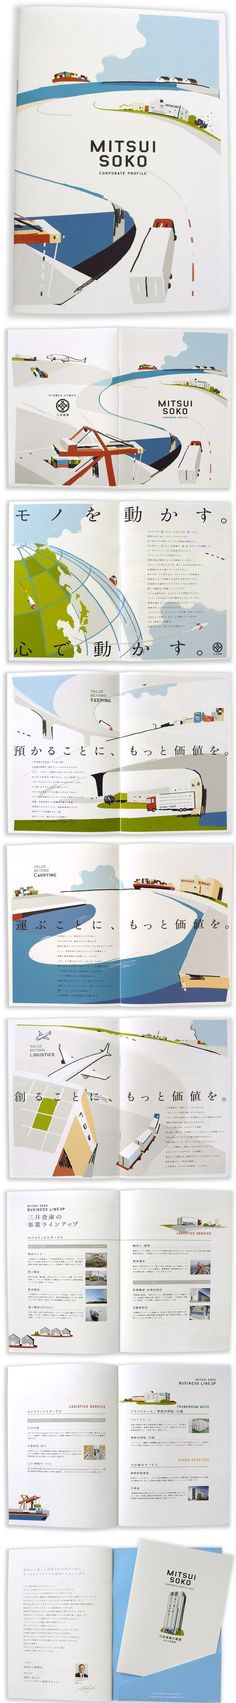 三井倉庫 パンフレット